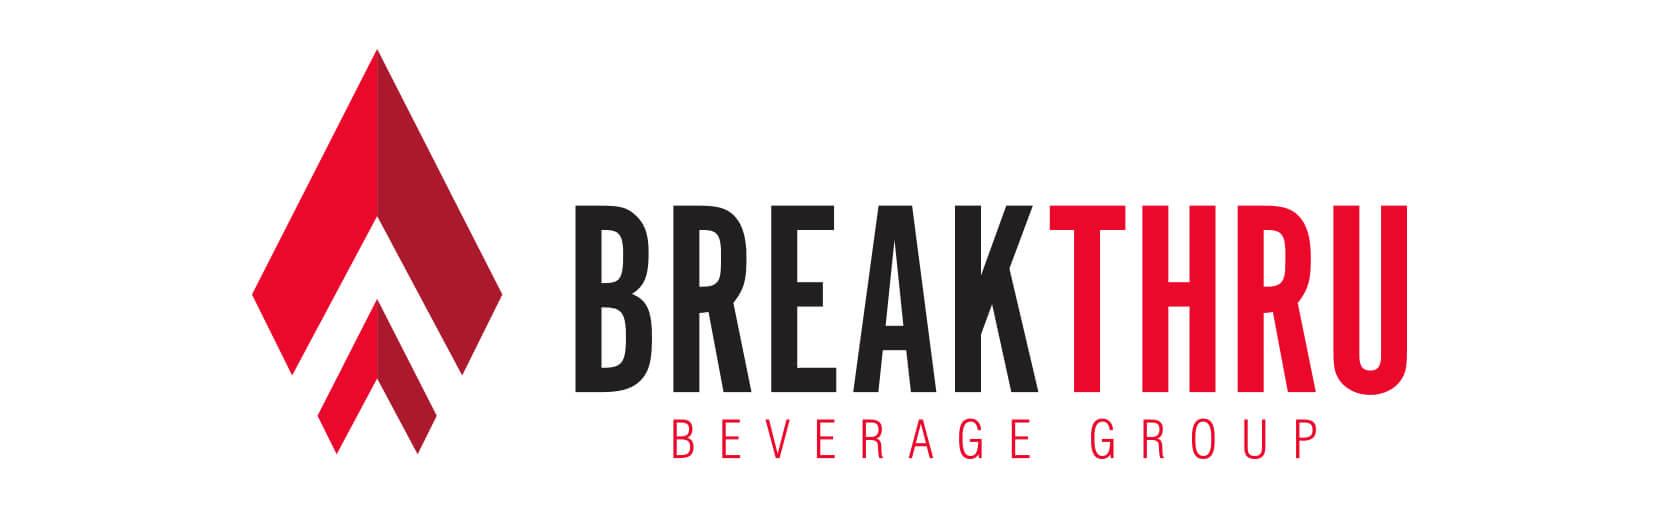 Breakthru-After